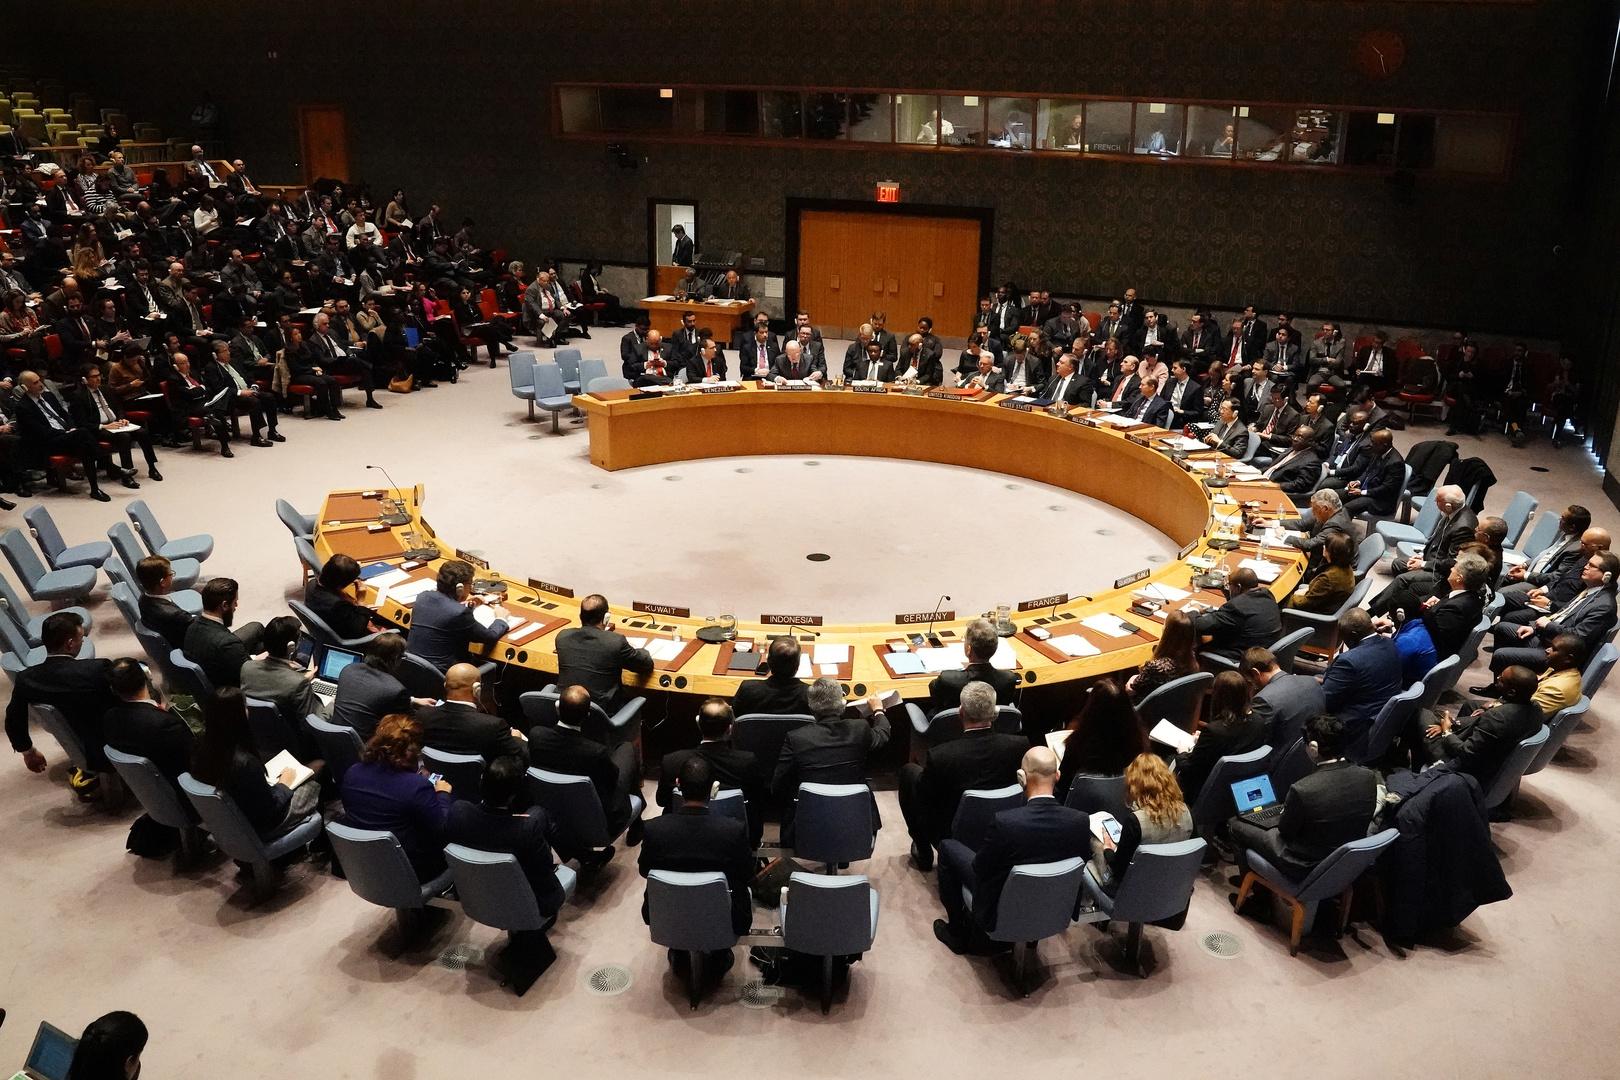 مجلس الأمن الدولي يدين الهجوم على مسجد في أفغانستان ويدعو لمحاسبة المتورطين